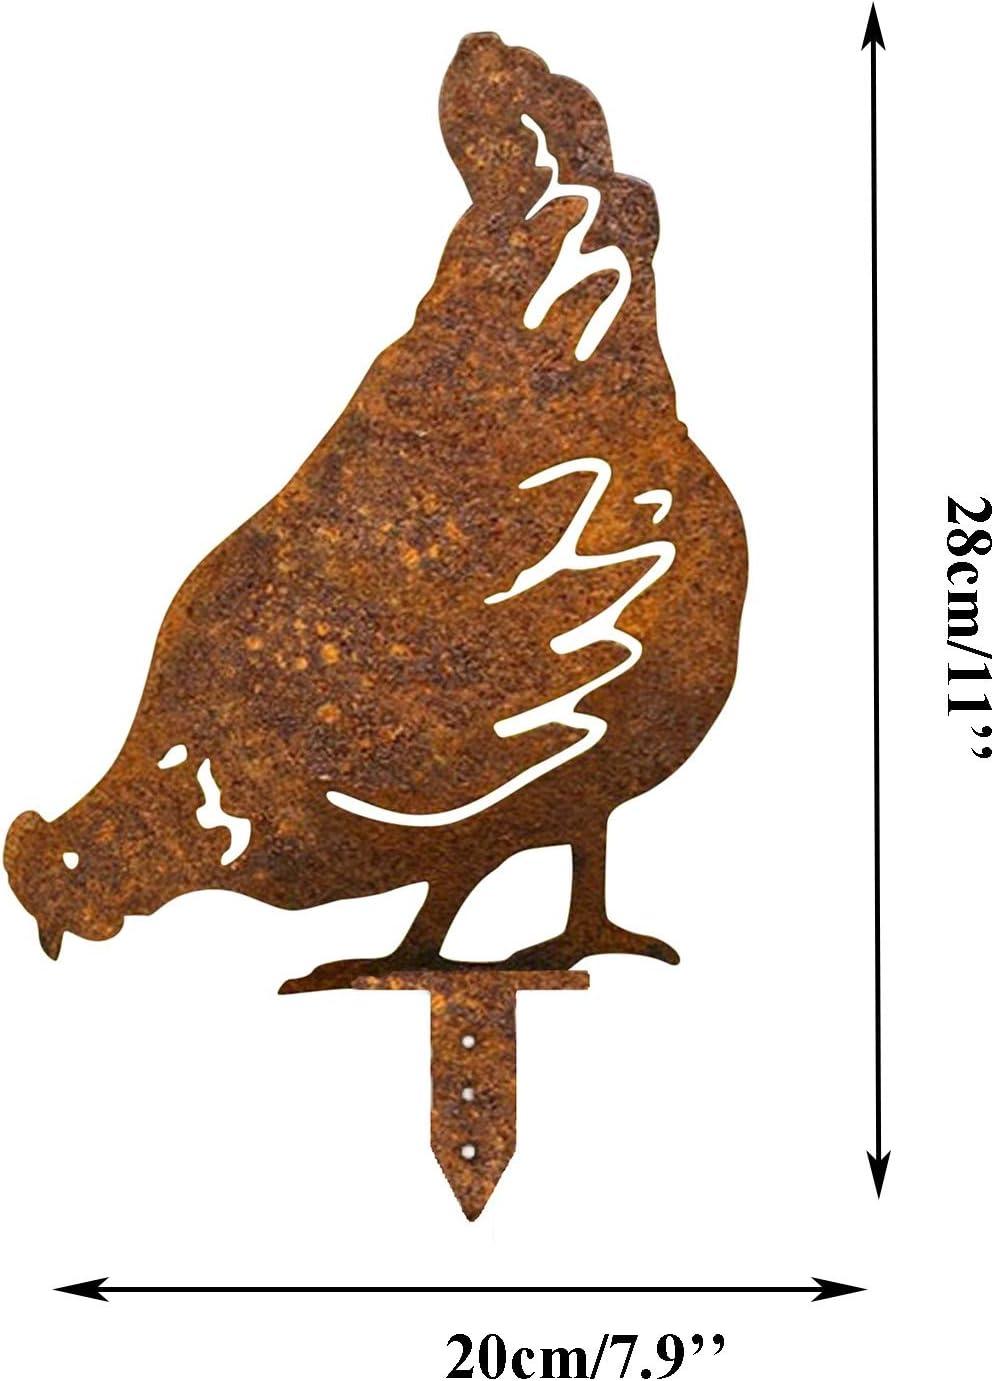 Lebensechte Henne Aush/öhlen Huhn Silhouette Dekorative Garten Pf/ähle Metall Henne Schatten Dekor Kunst 5 PC F/ür Garten Im Freien Hahn Metall Tier Silhouette Pfahl F/ür Yards